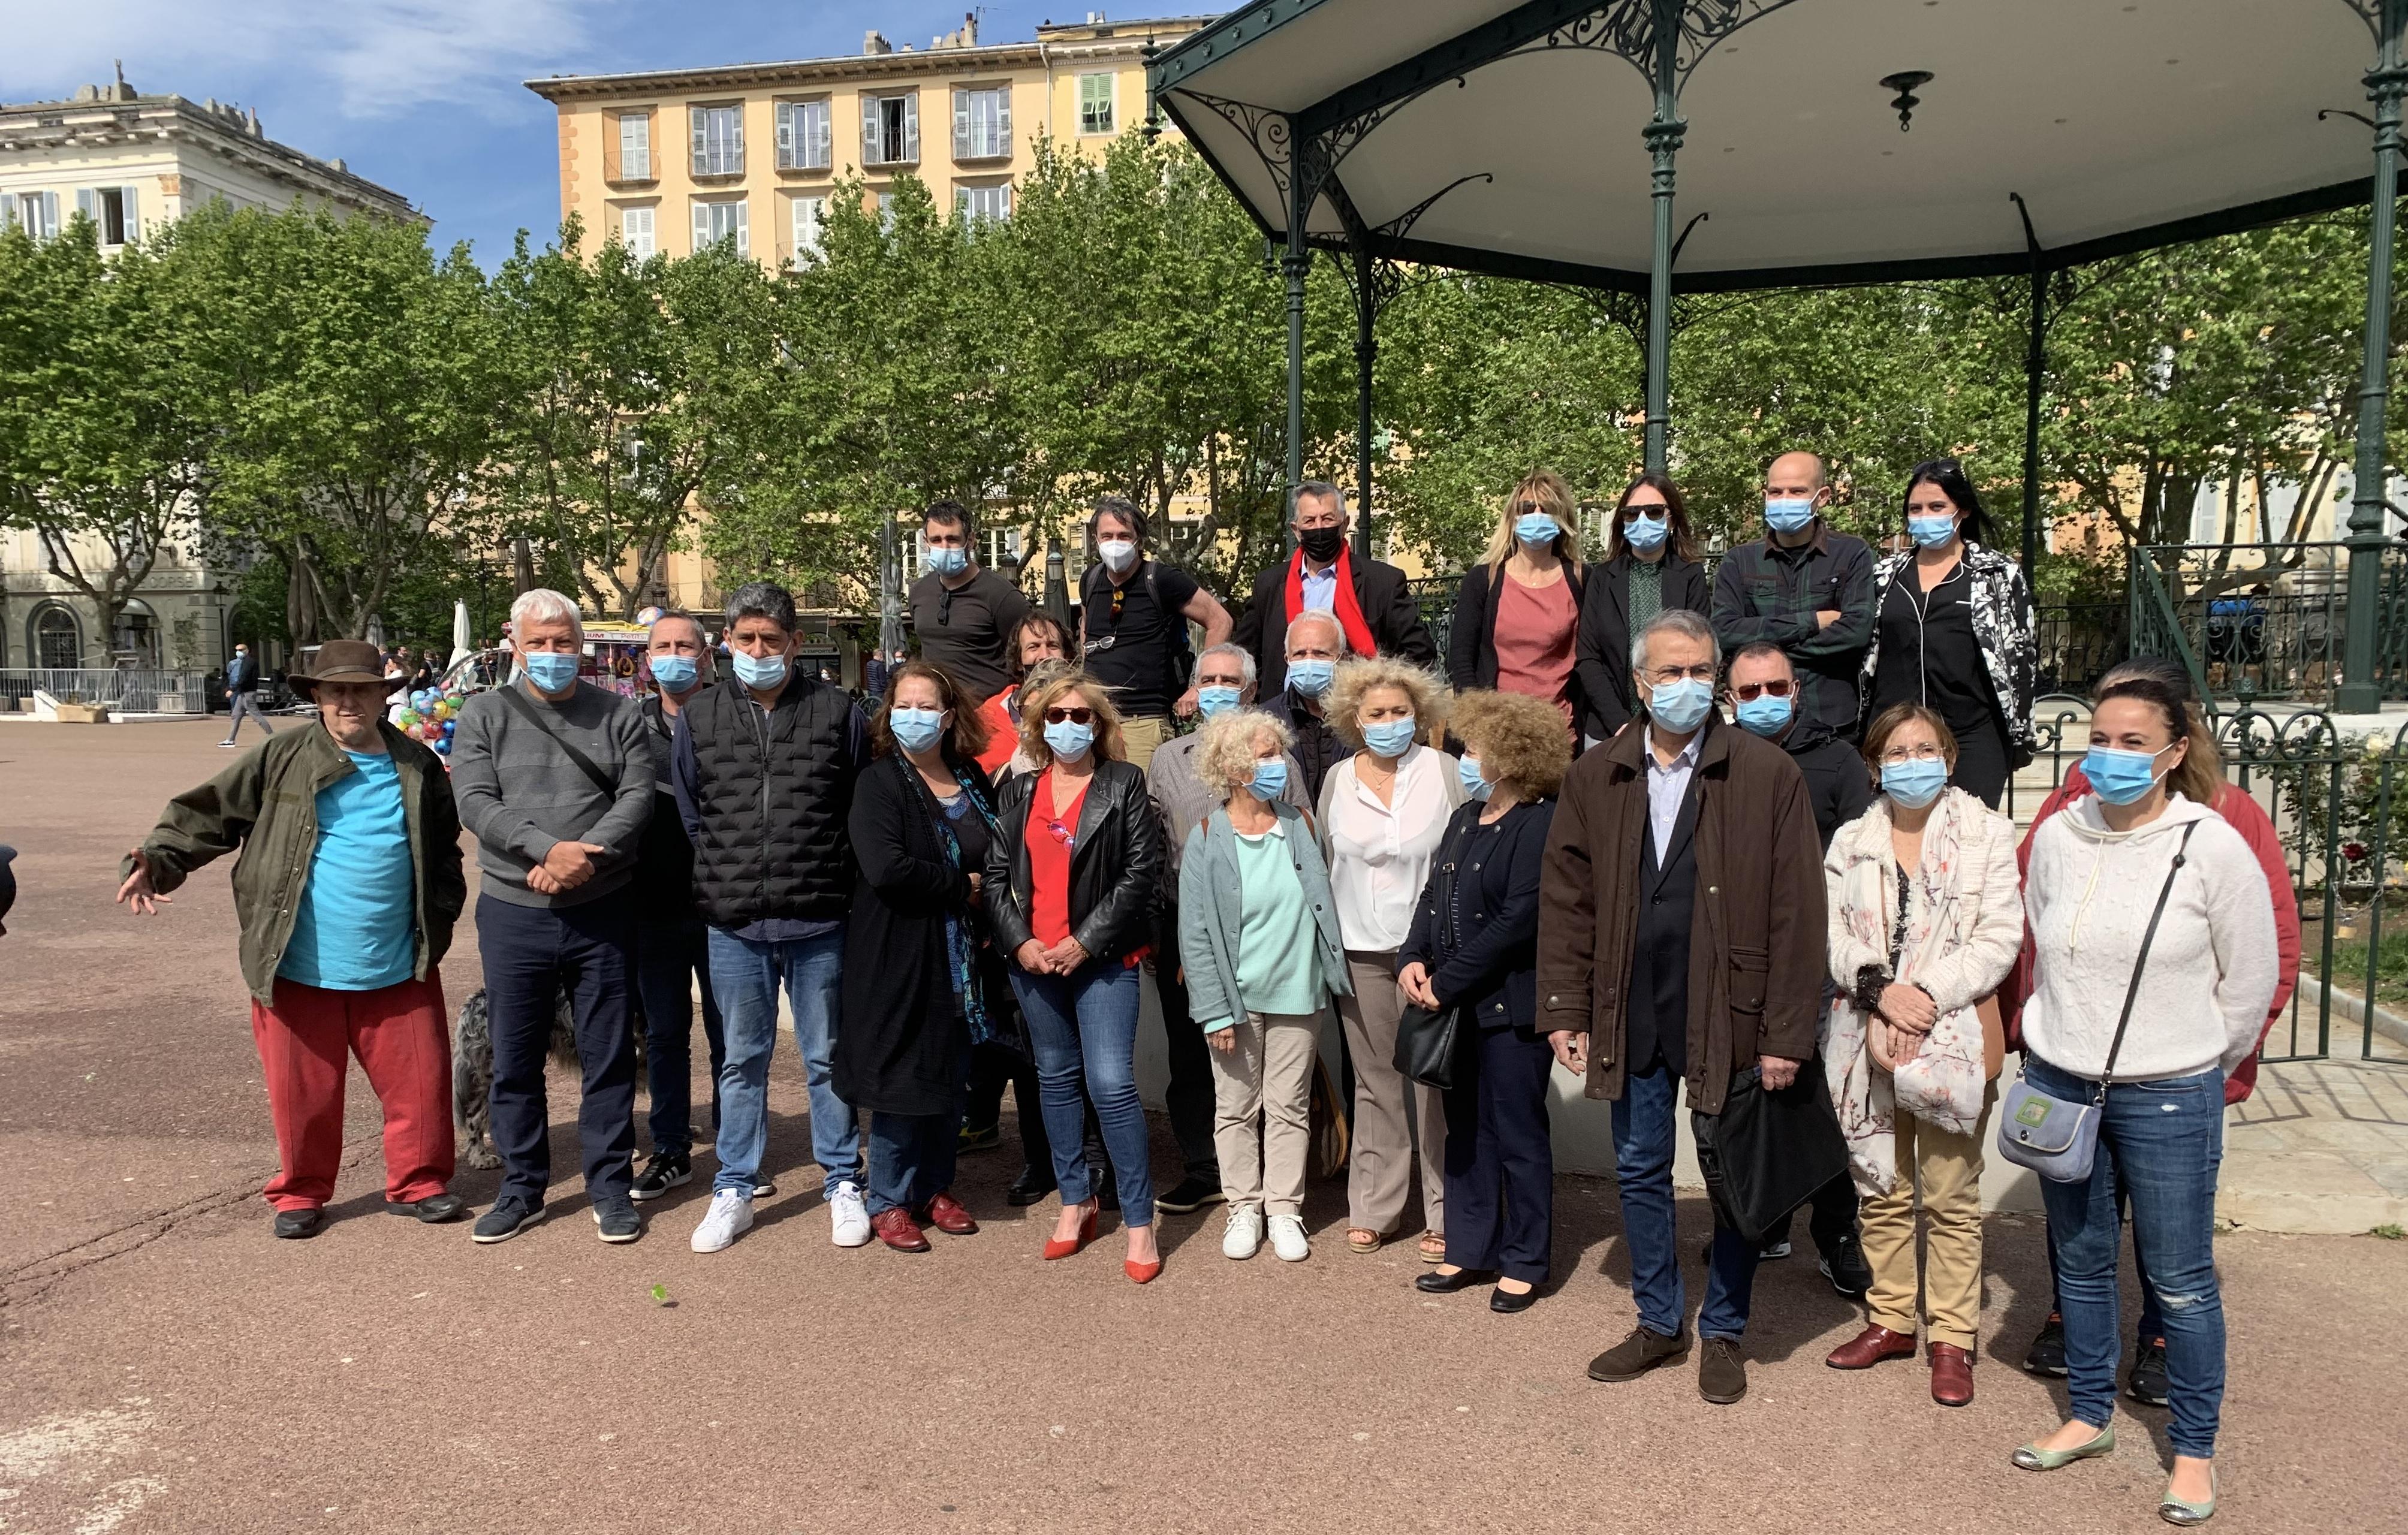 Territoriales : La liste communiste - Campà Megliu in Corsica – Vivre Mieux en Corse» - en ordre de marche